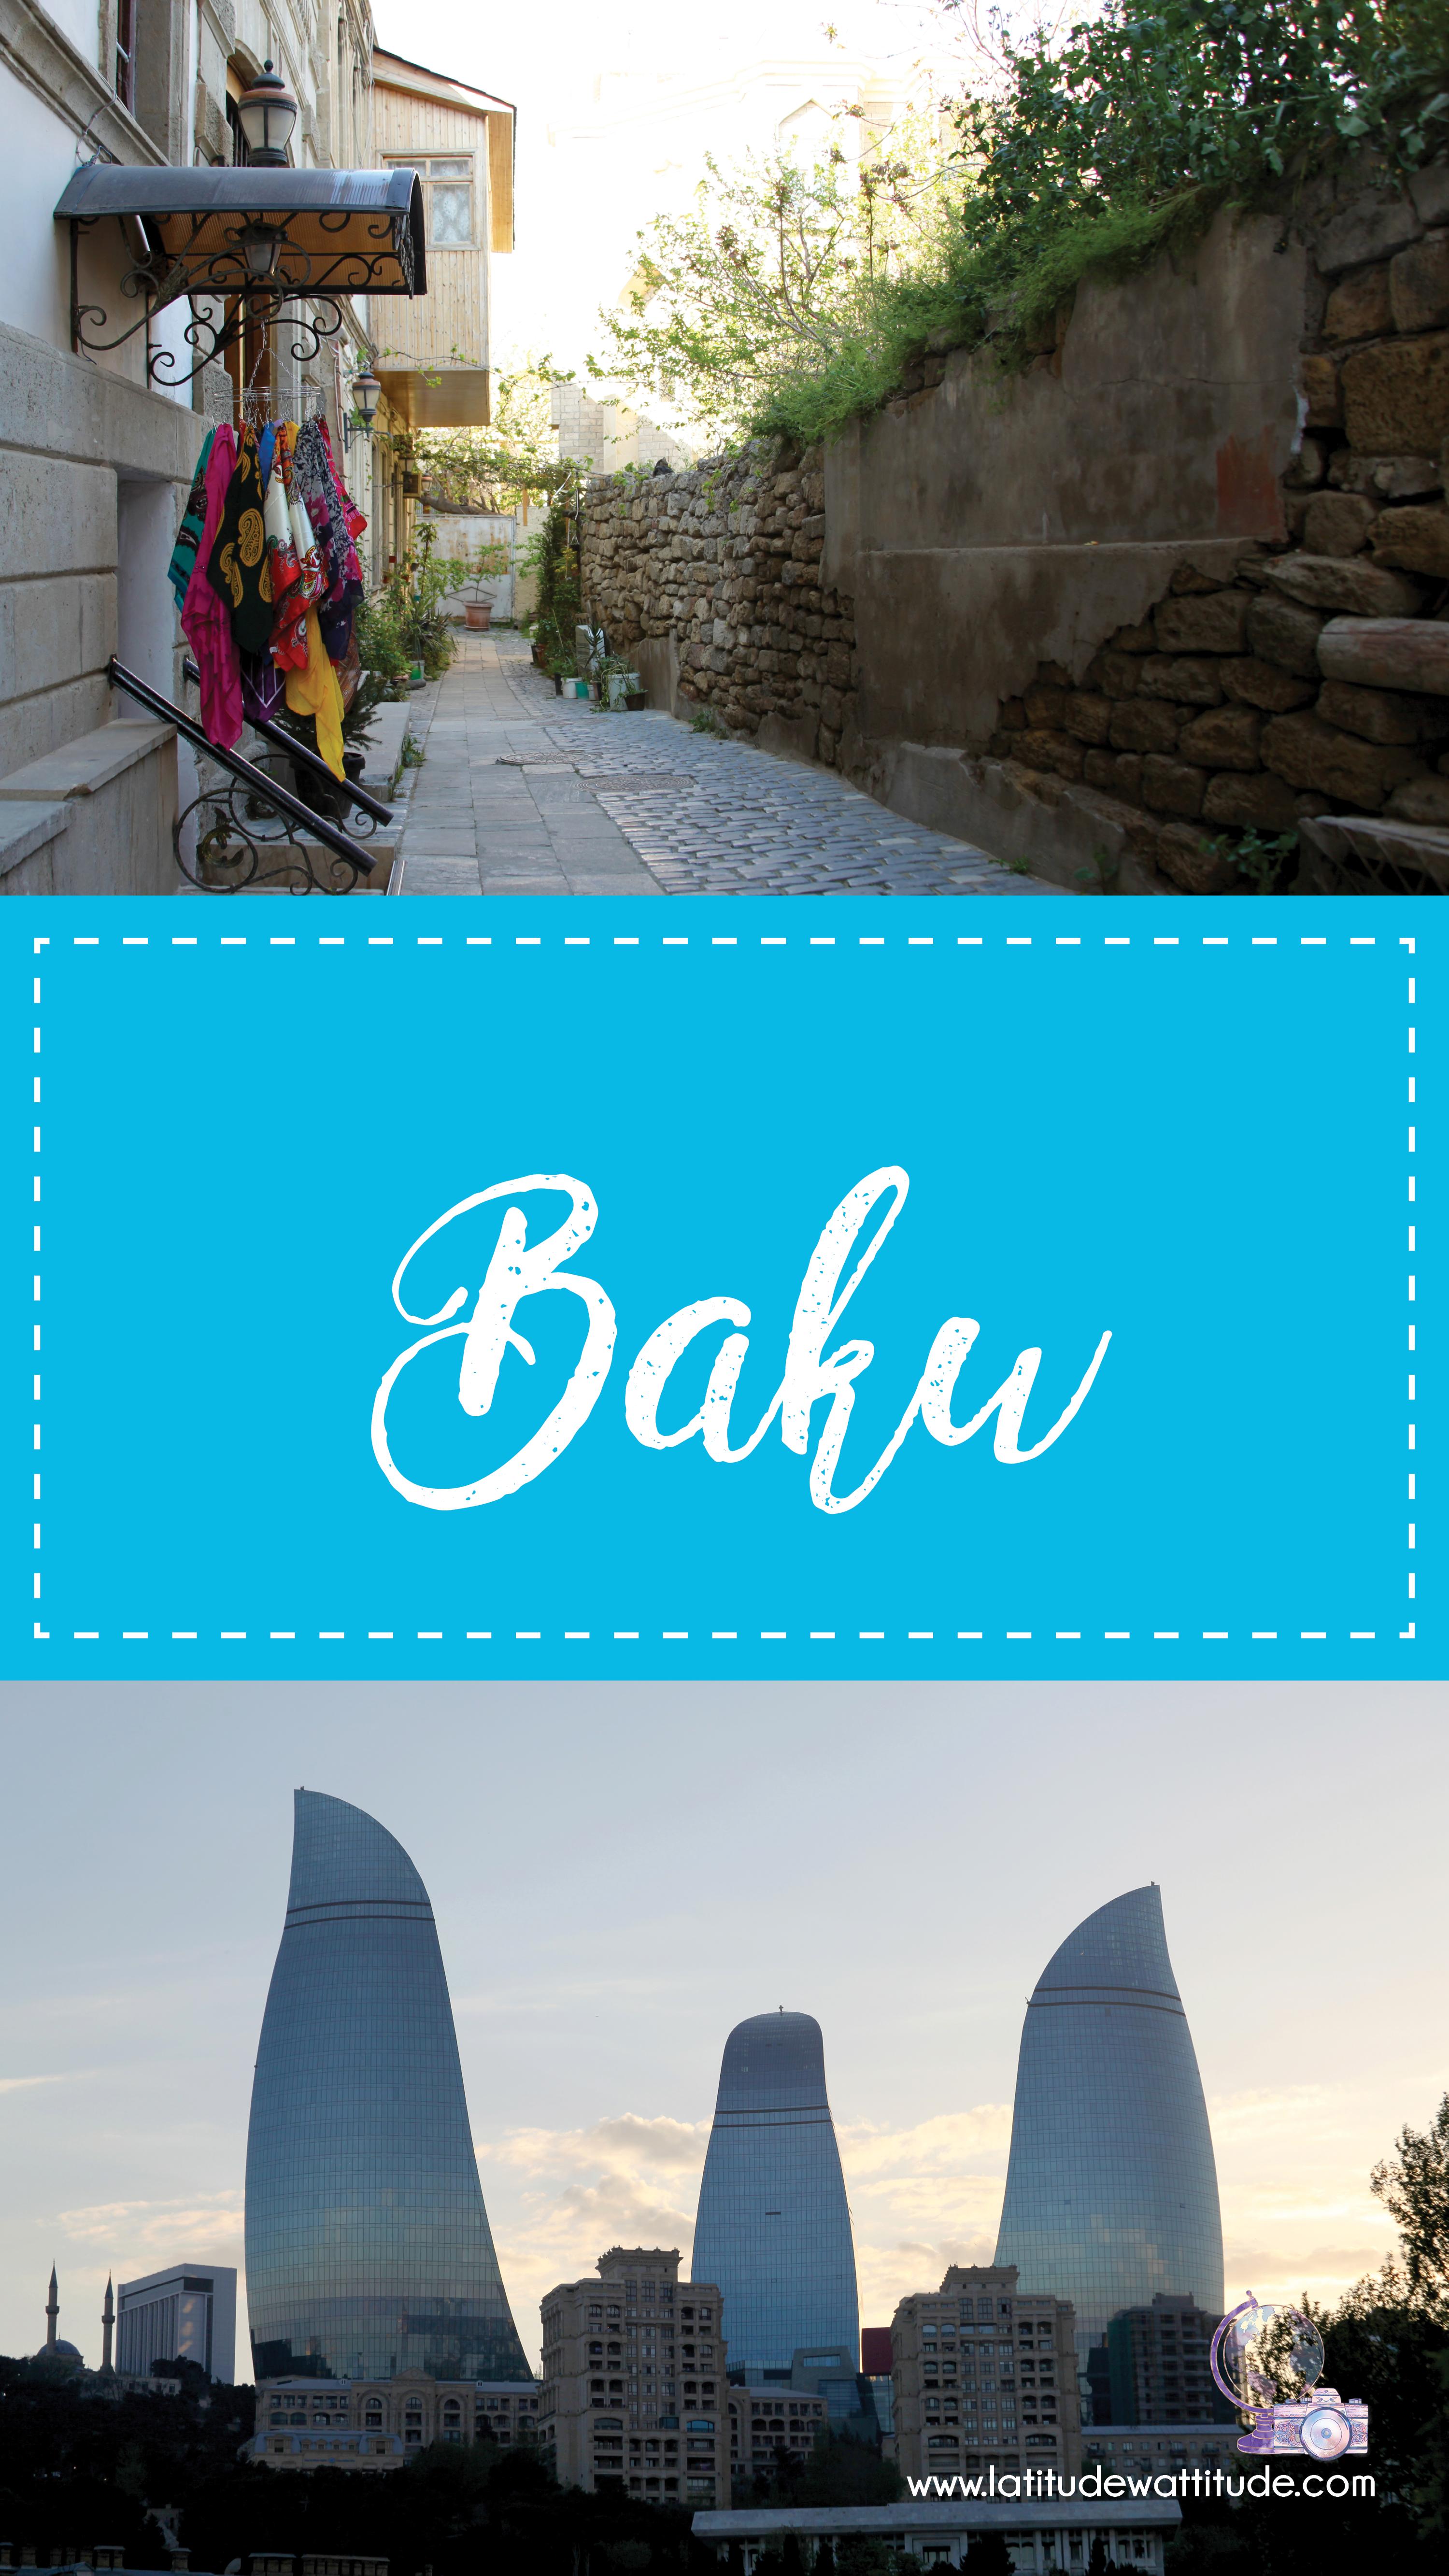 Baku.png